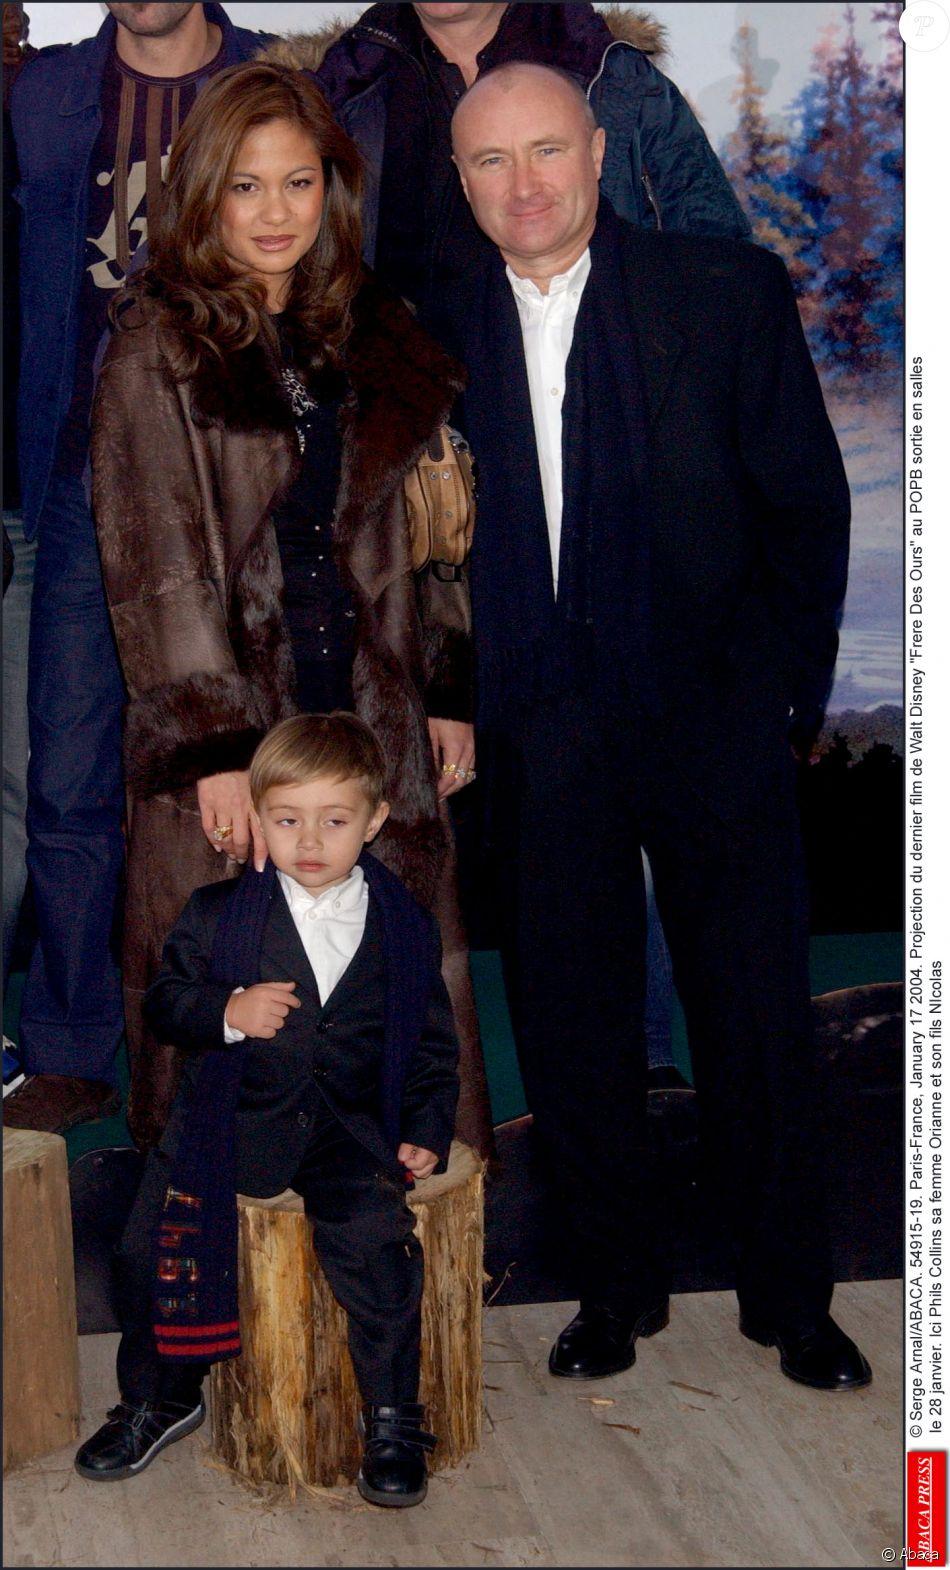 Phil Collins sa femme Orianne et son fils Nicolas lors de la Projection du dernier film de Walt Disney Frere Des Ours au POPB, le 17 janvier 2004 © Serge Arnal